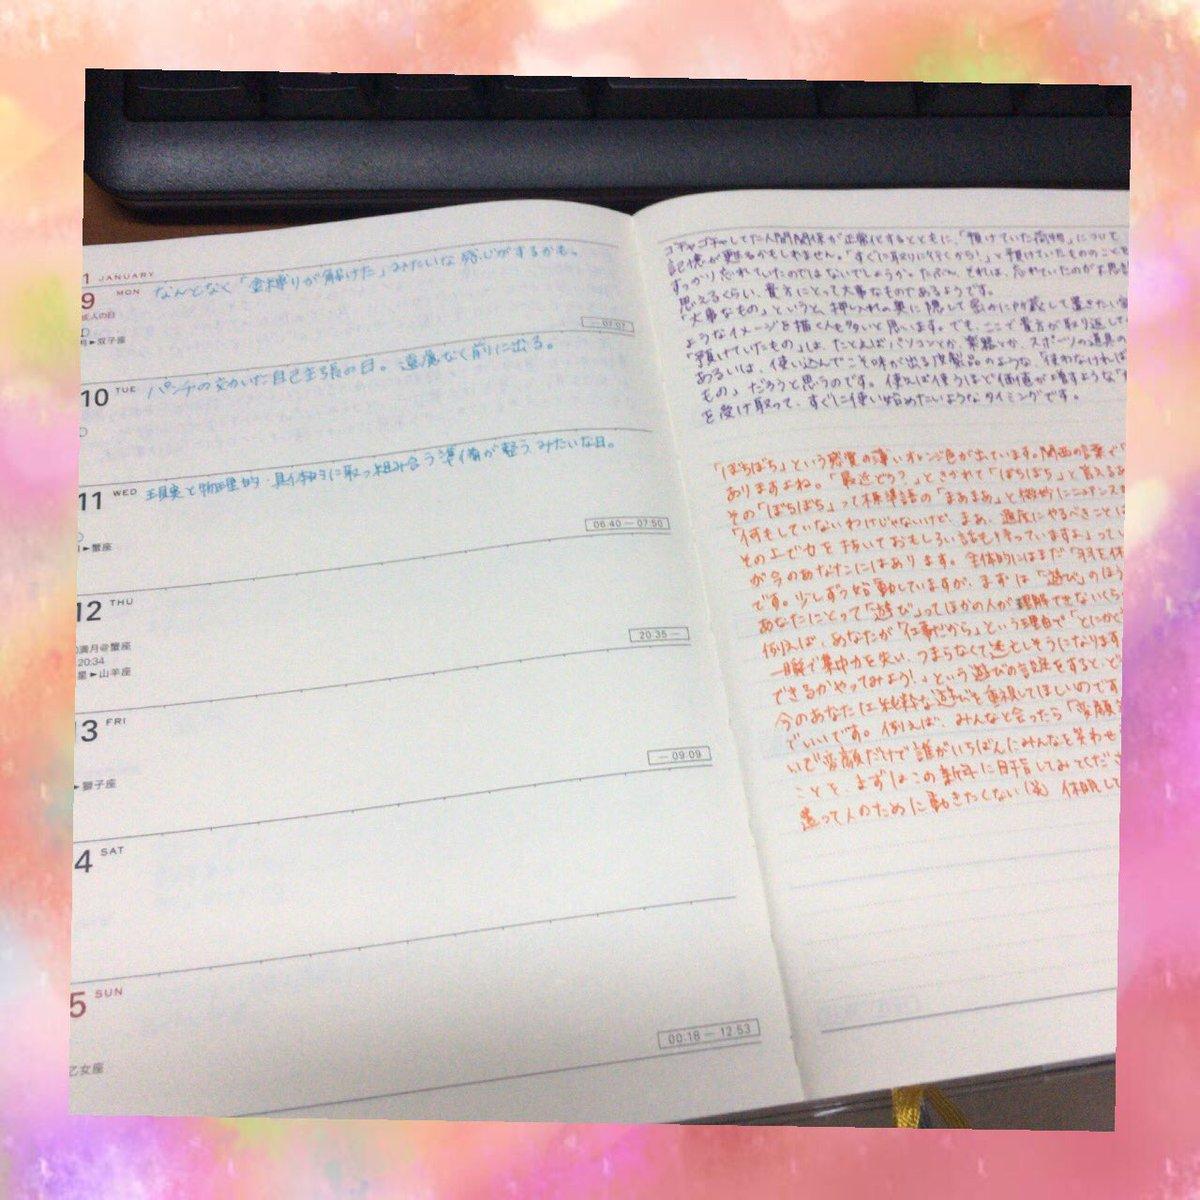 星ダイアリーの左には石井ゆかりさんのLINEから日報を。右には上にゆかりさんの週報を。下にしいたけ占いの今週の占いを書いたら埋まってしまったよ